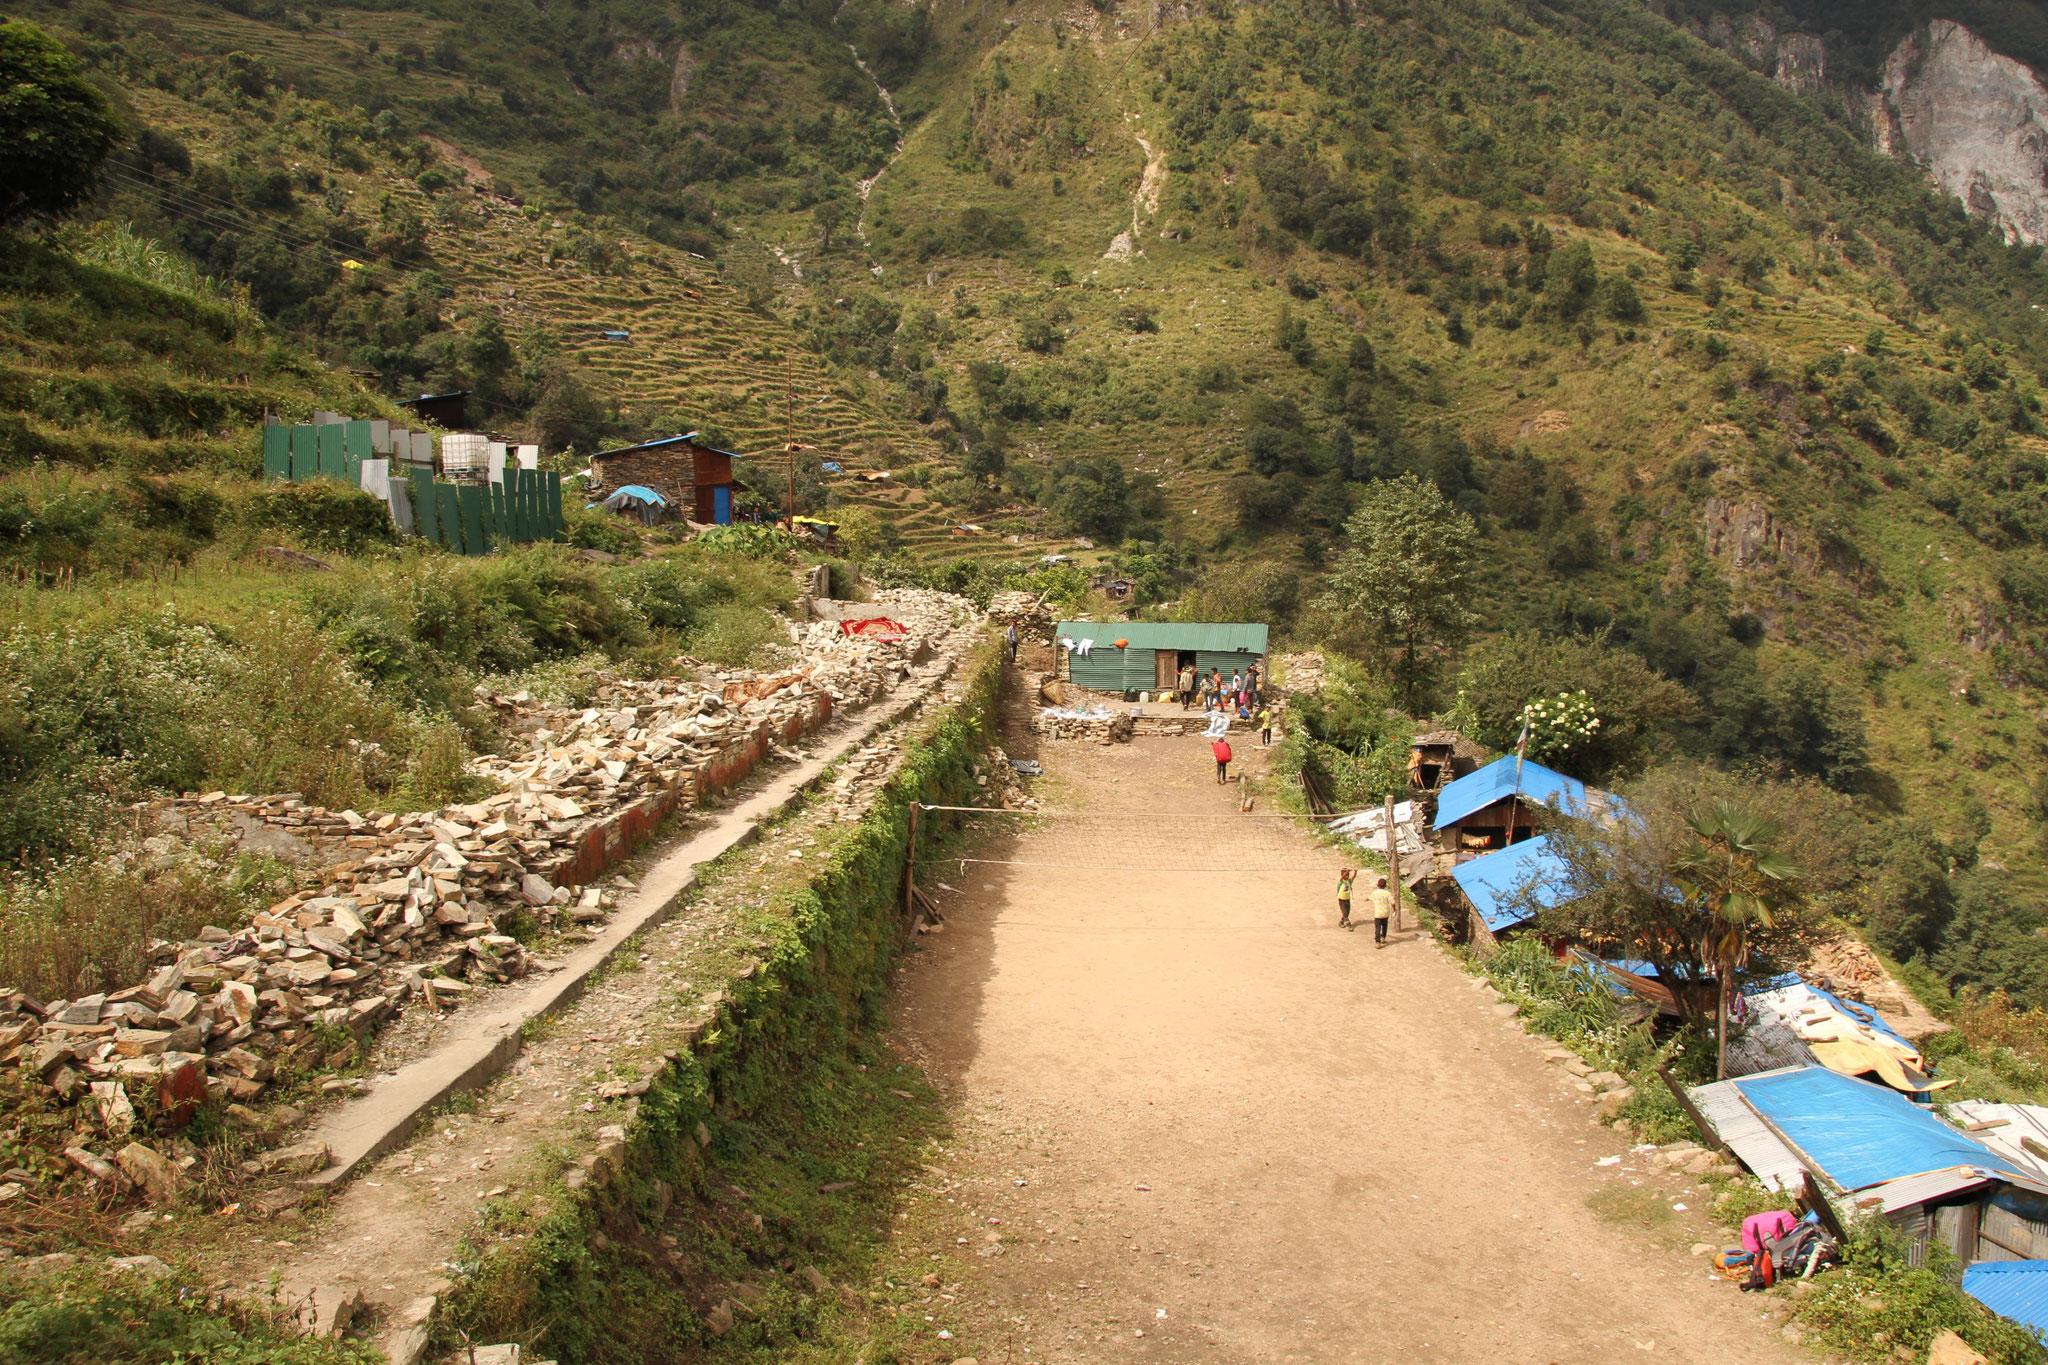 hier stand vor dem Erdbeben die Schule von Khorla